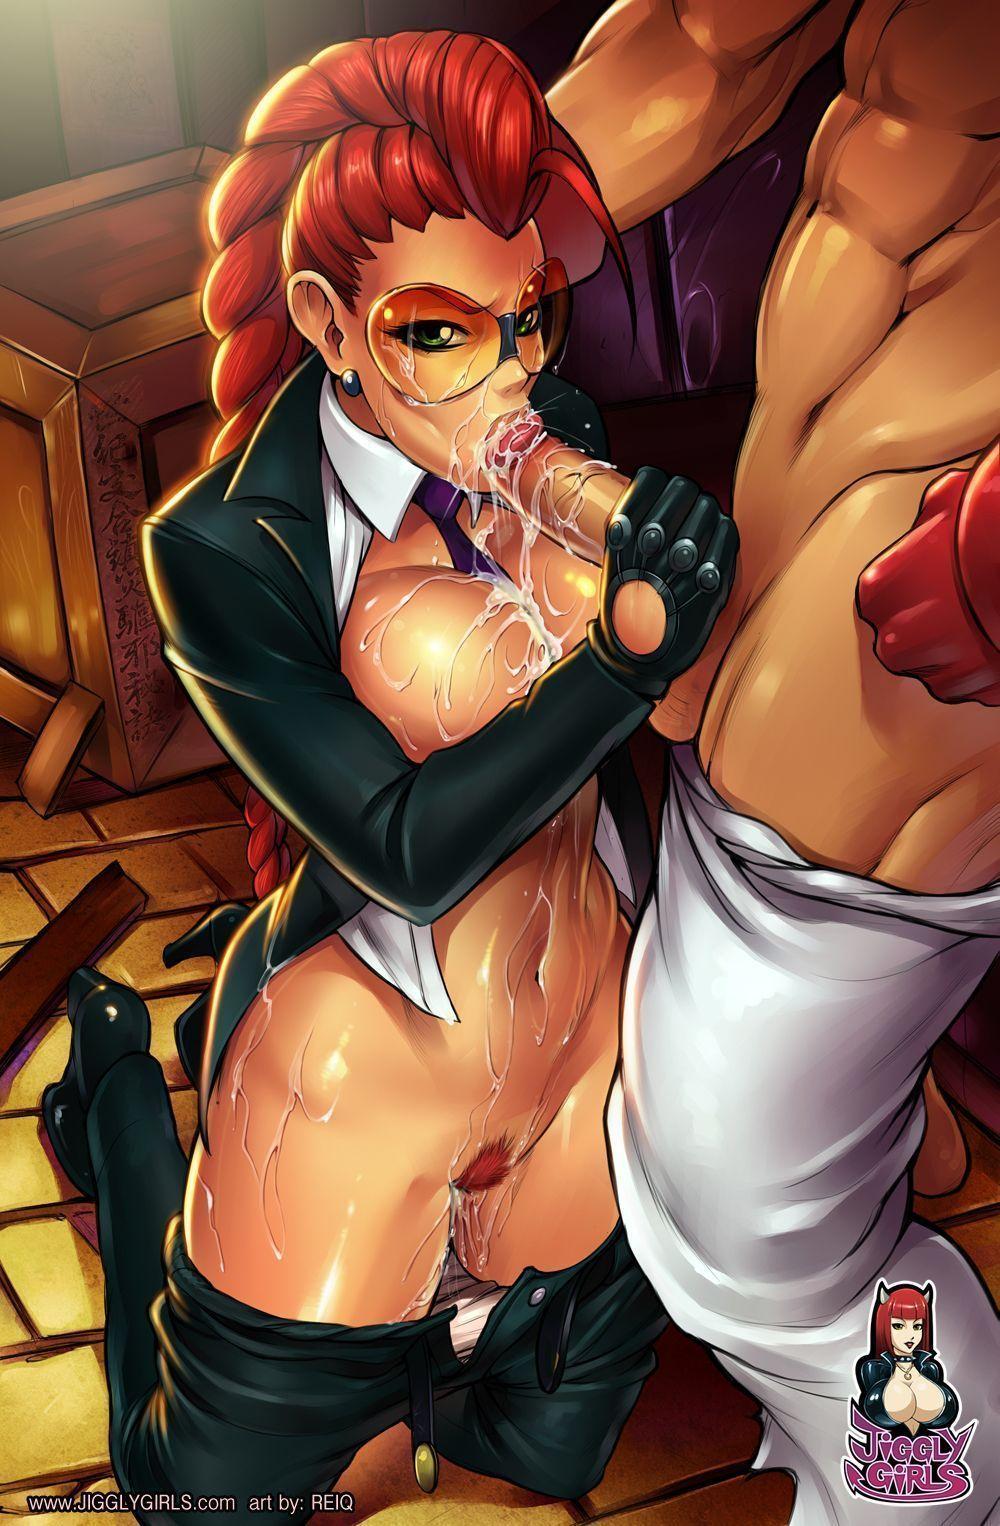 Female satyr porn pics erotic images